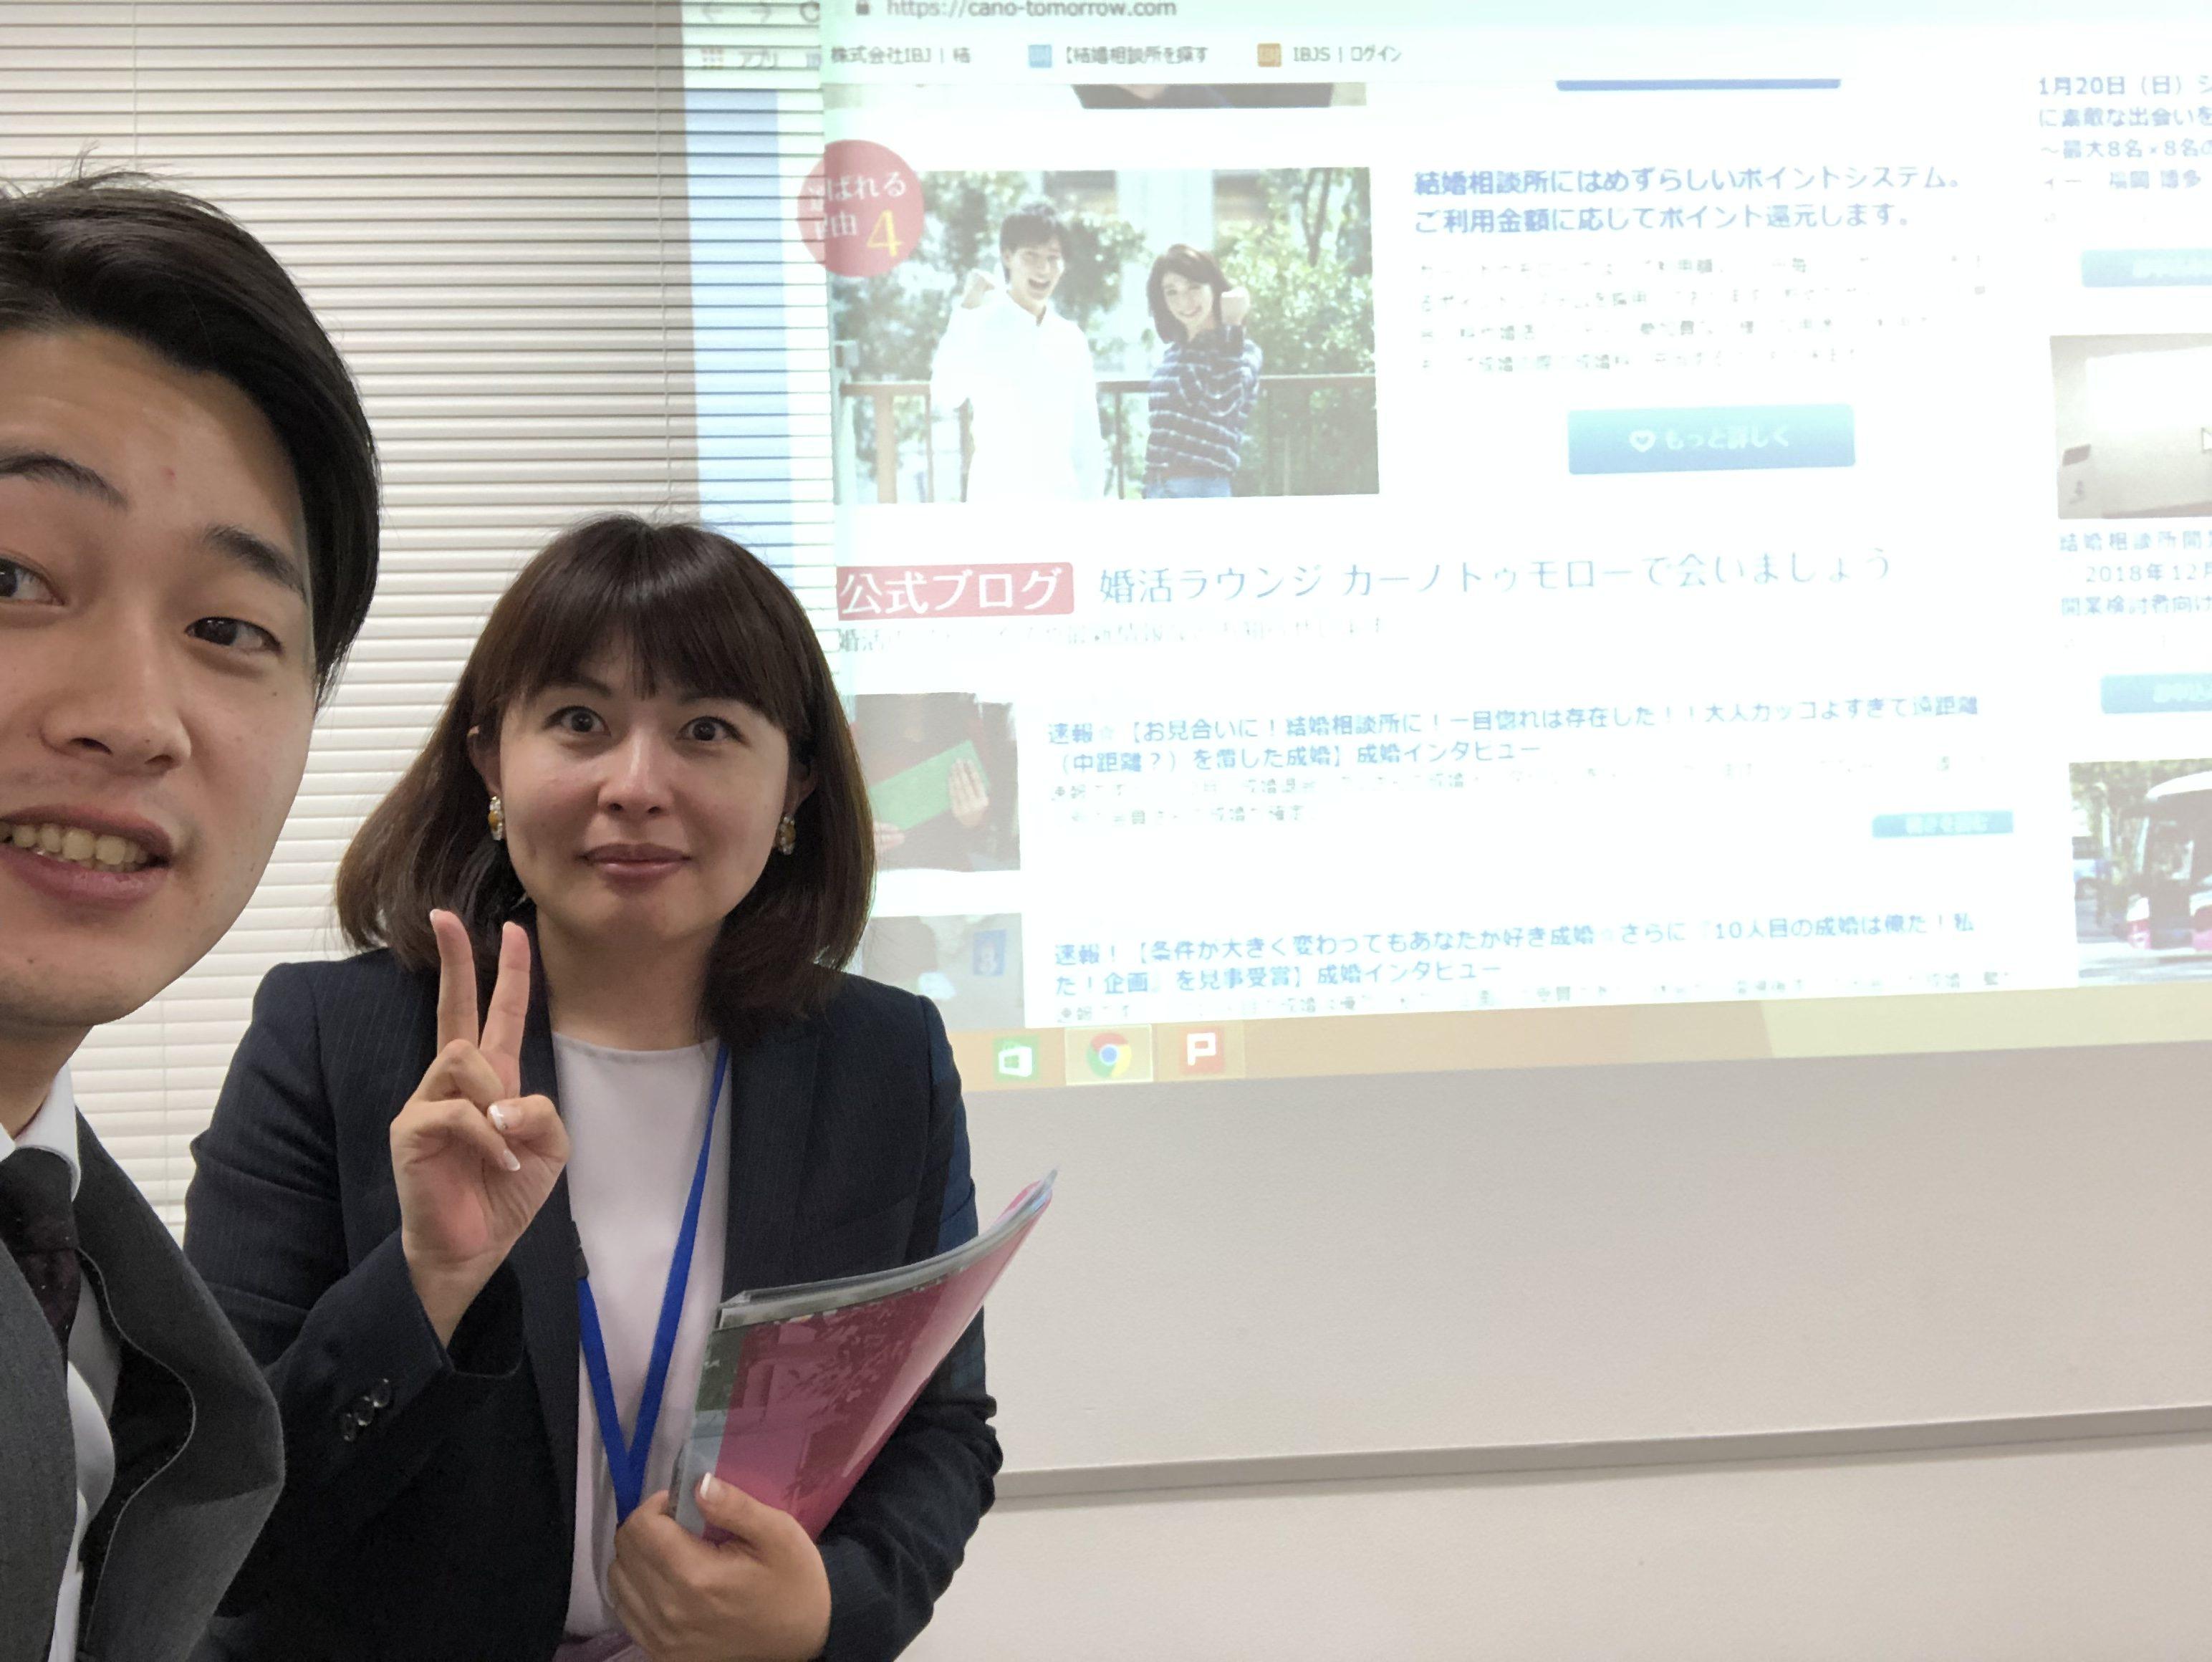 結婚相談所開業希望者の方へ☆2019年3月29日(金)IBJ開業検討者向けセミナー